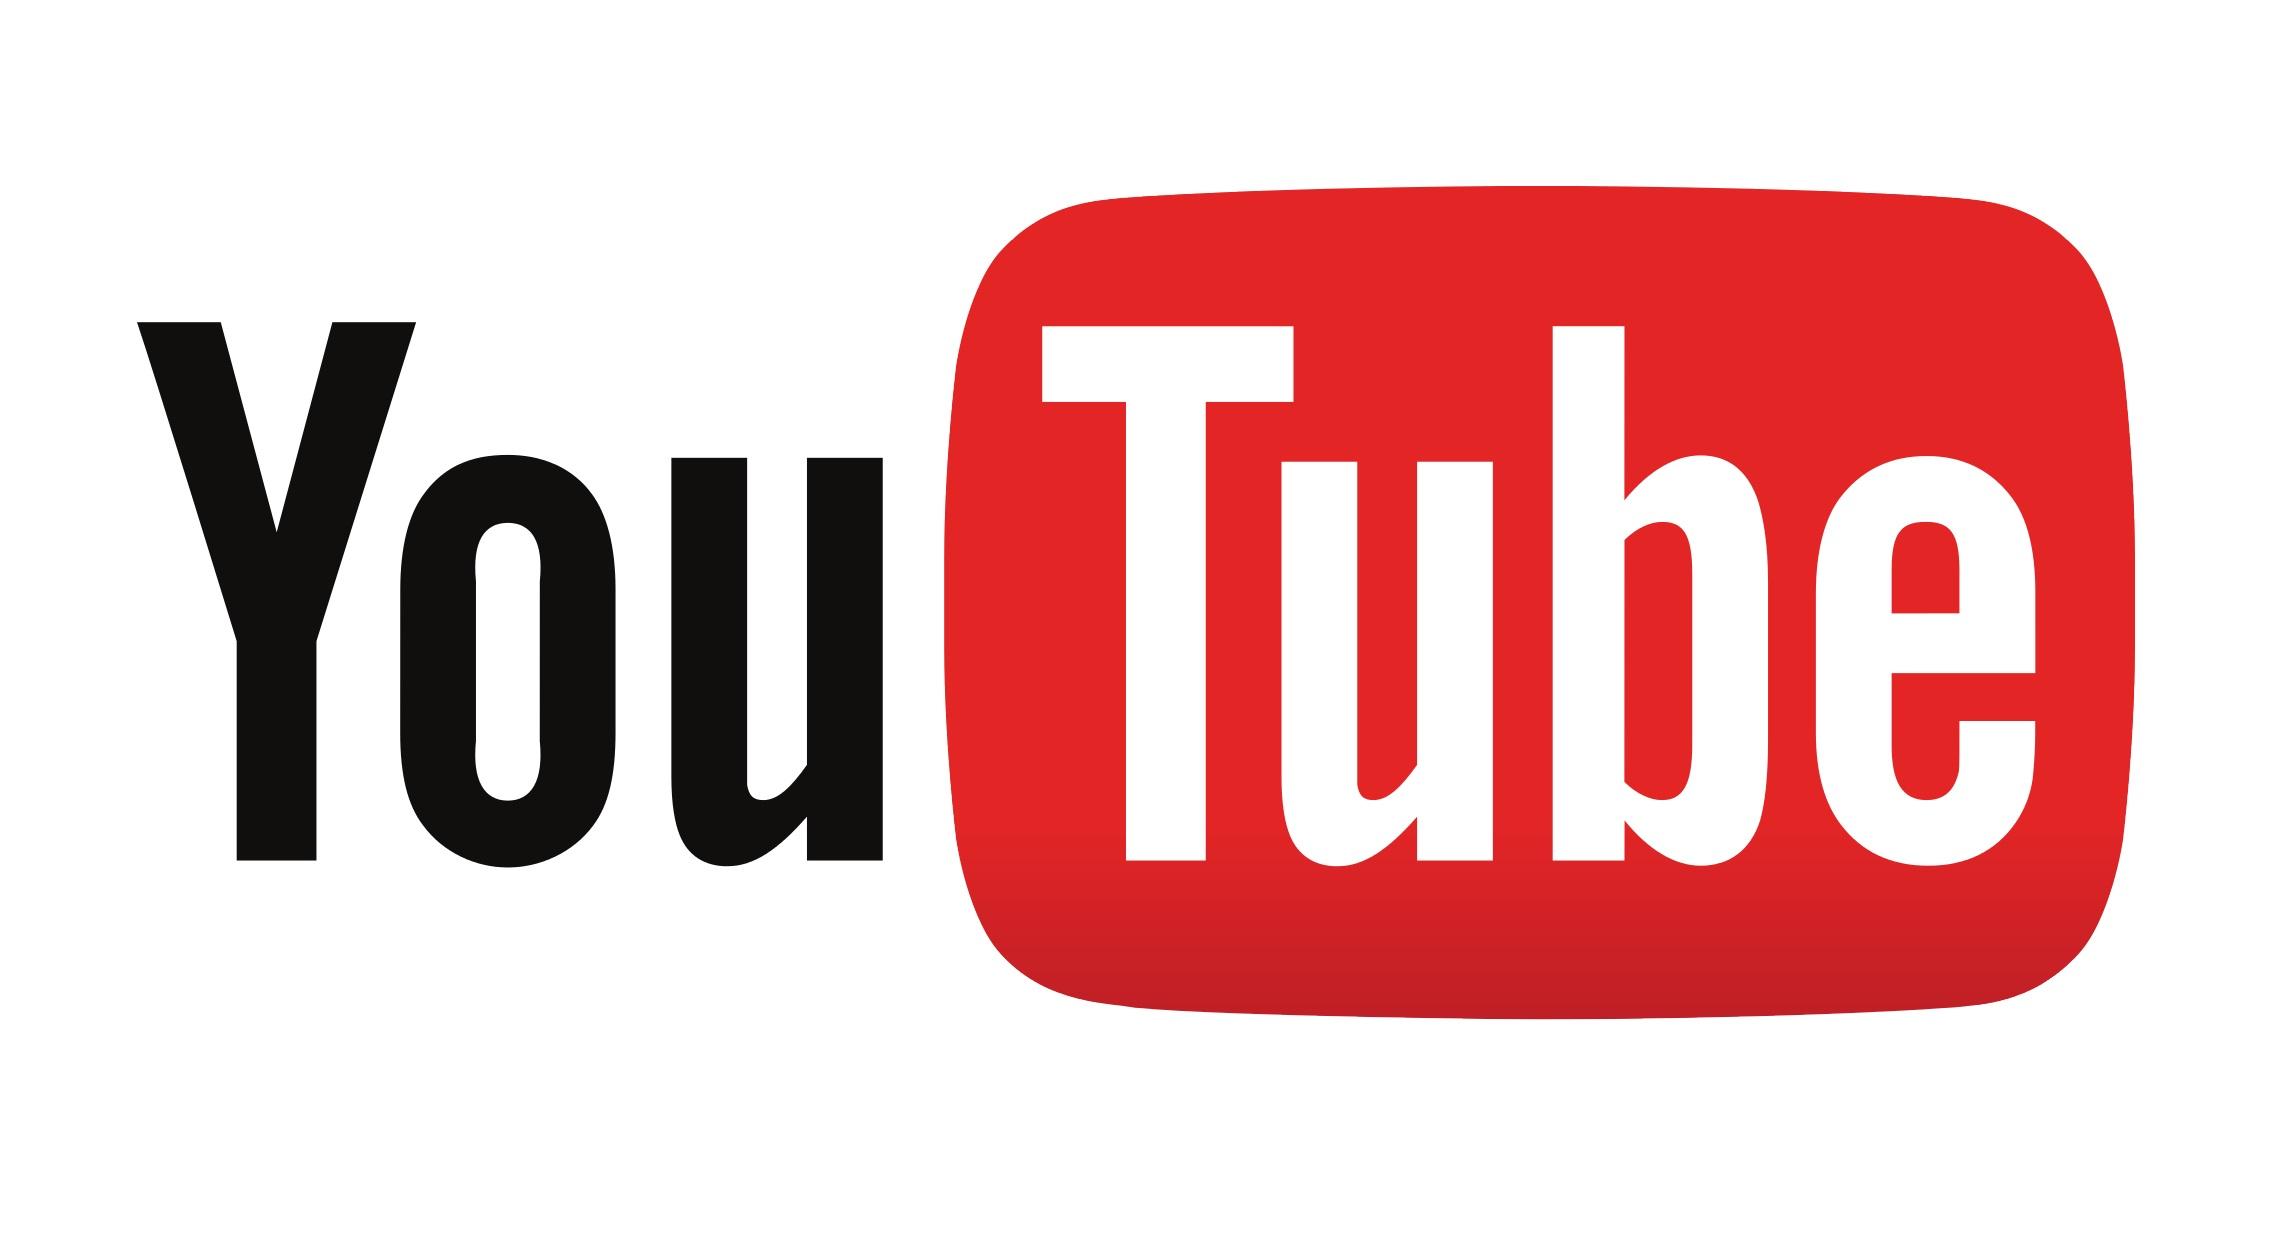 Το YouTube συνεχίζει το μπλοκ στον Τραμπ για τουλάχιστον άλλη μια εβδομάδα